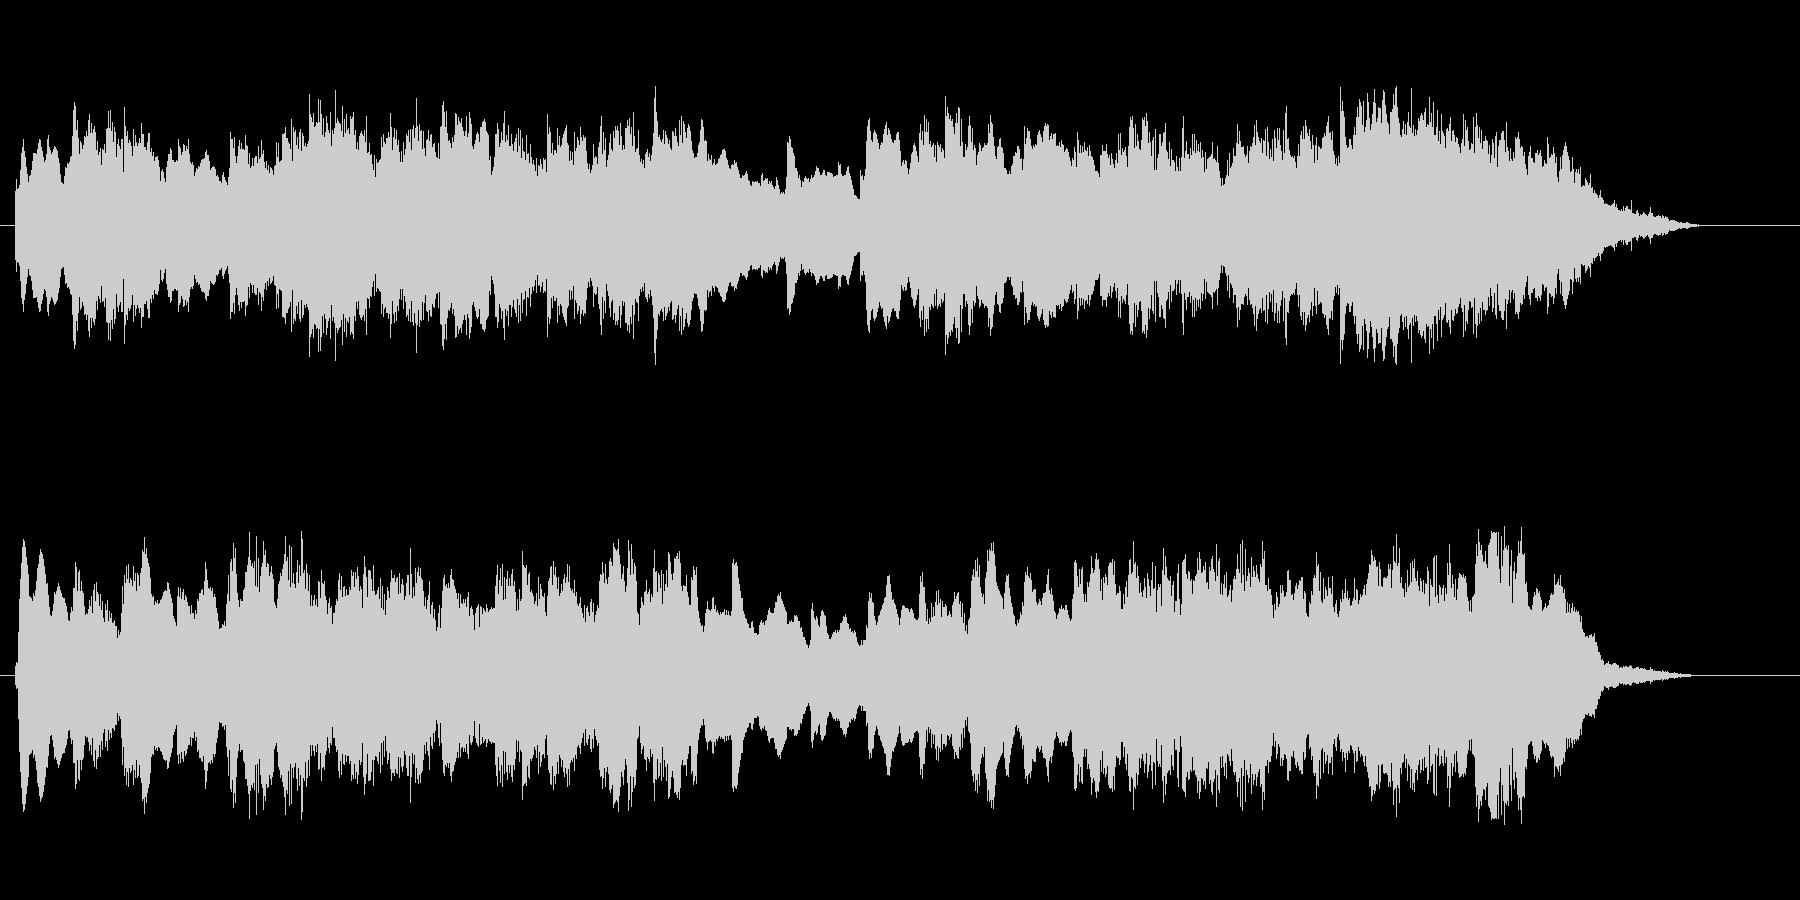 優しい音色のシンセのバラードのジングルの未再生の波形